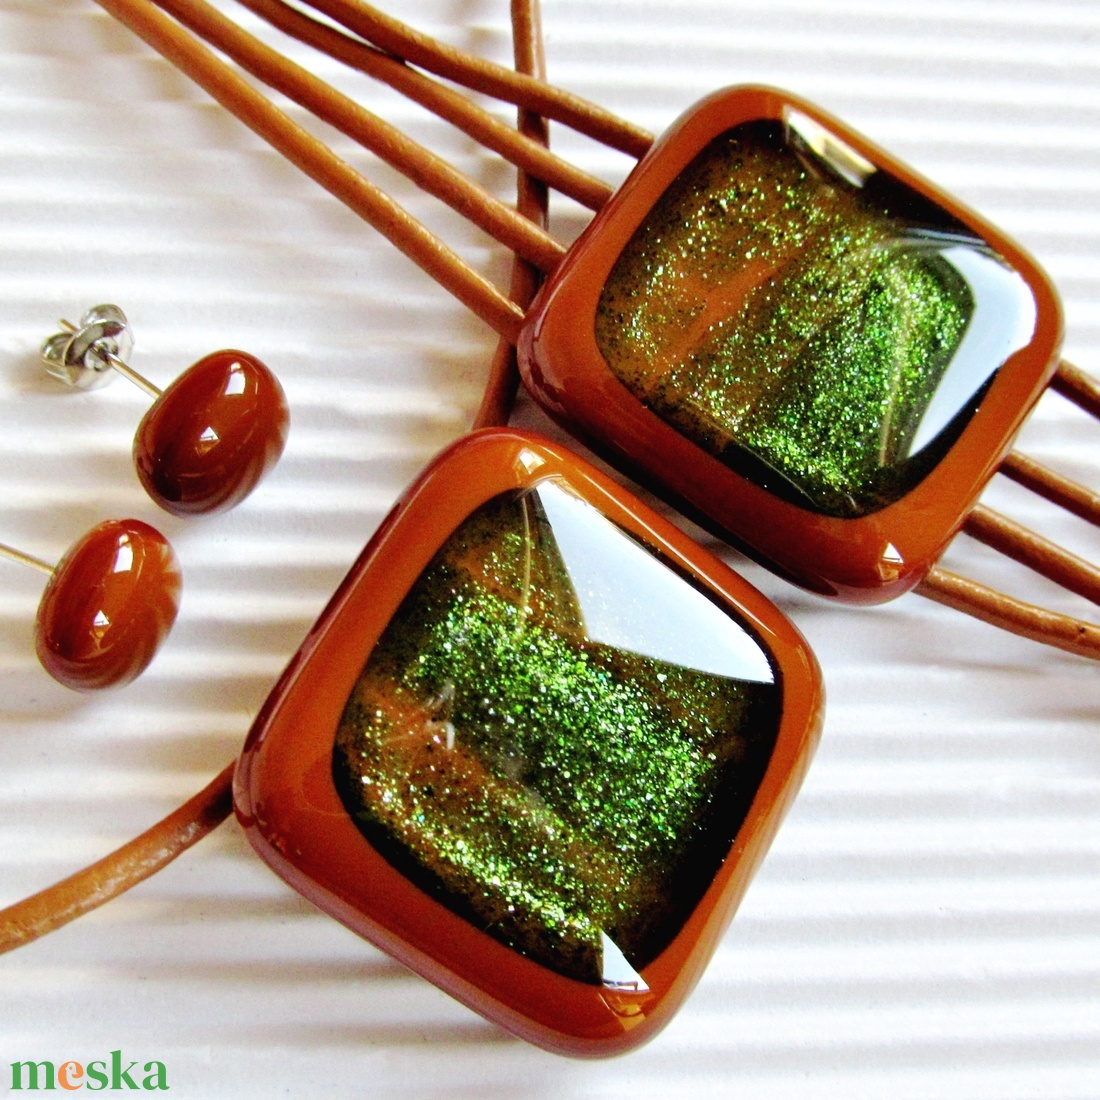 Arany-zöld csillám karamellben üveg medál és fülbevaló NEMESACÉL üvegékszer szett - ékszer - ékszerszett - Meska.hu